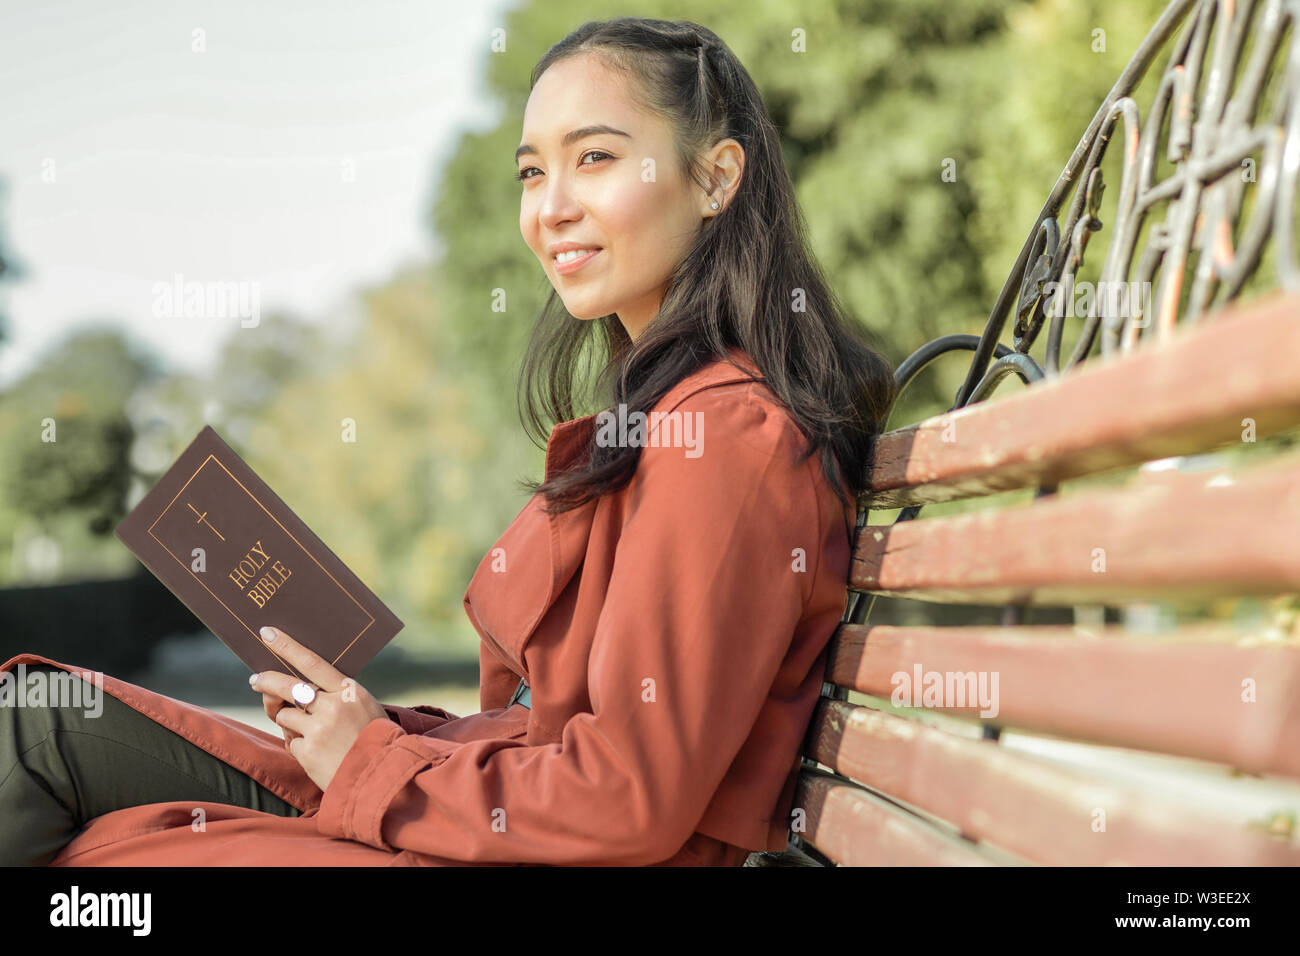 Jolie fille aux cheveux long passe son temps libre dans le parc Photo Stock